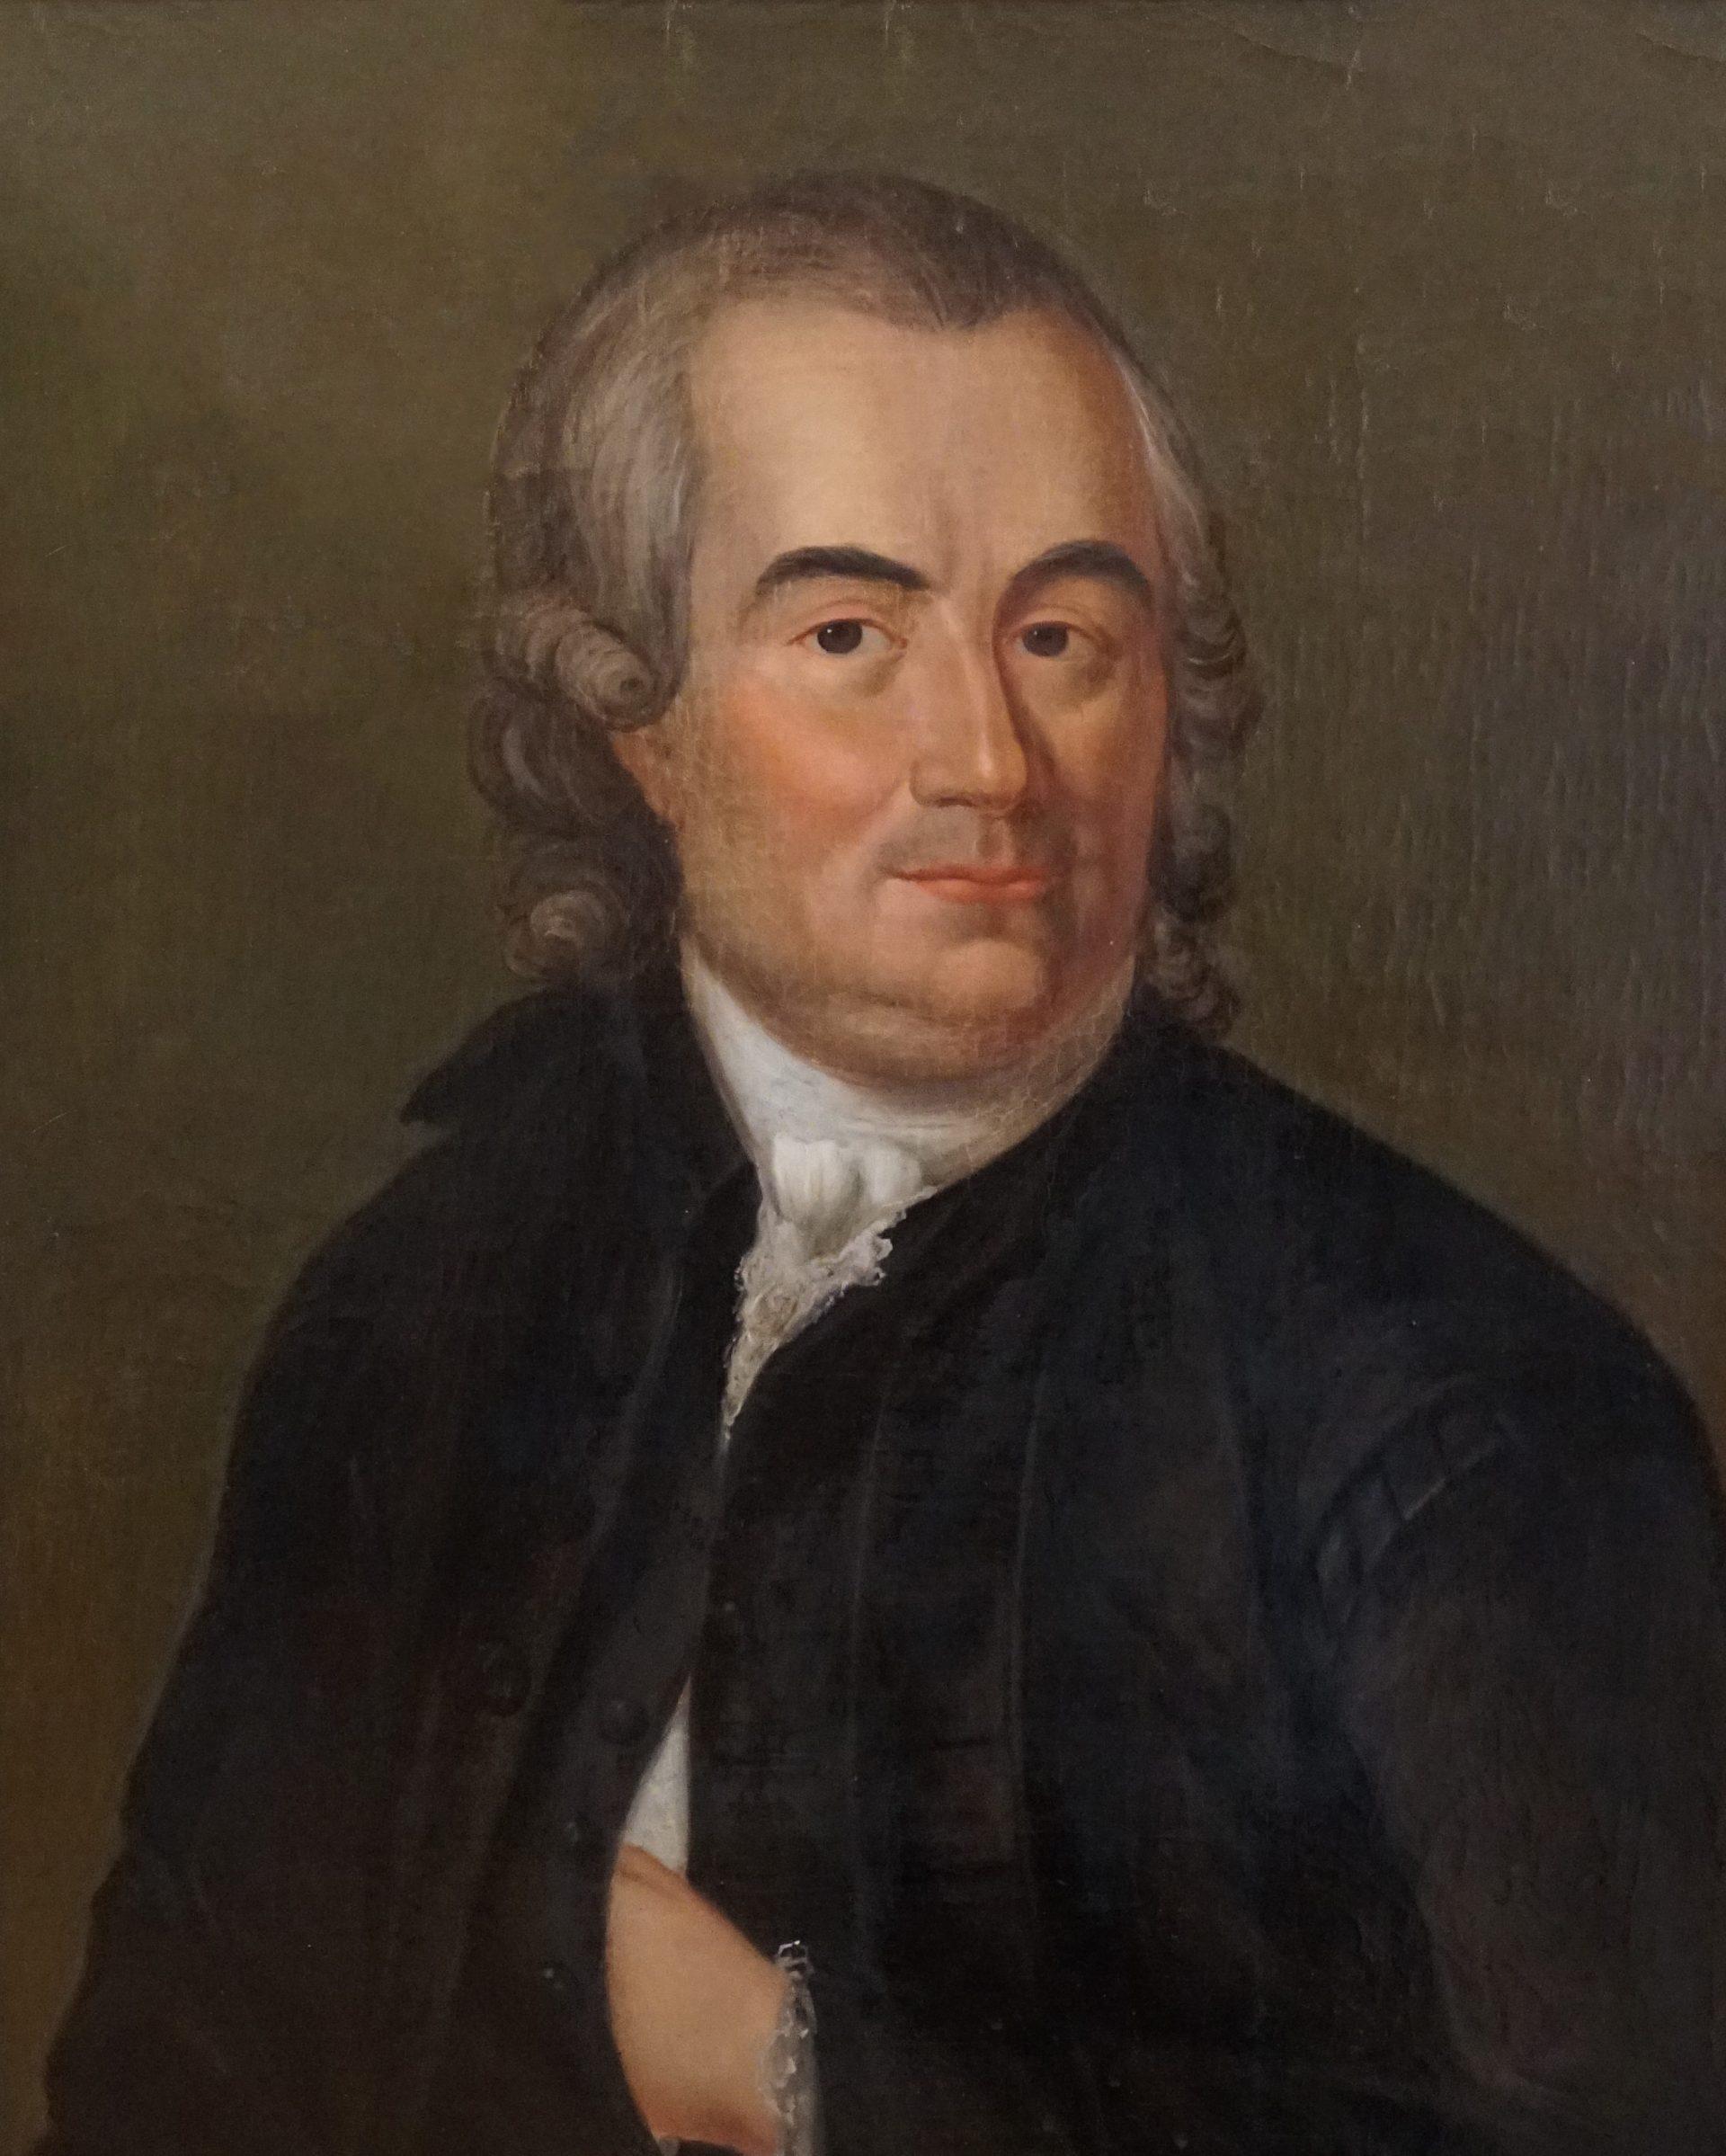 Porträtt av en man med grått hår och en svart rock.